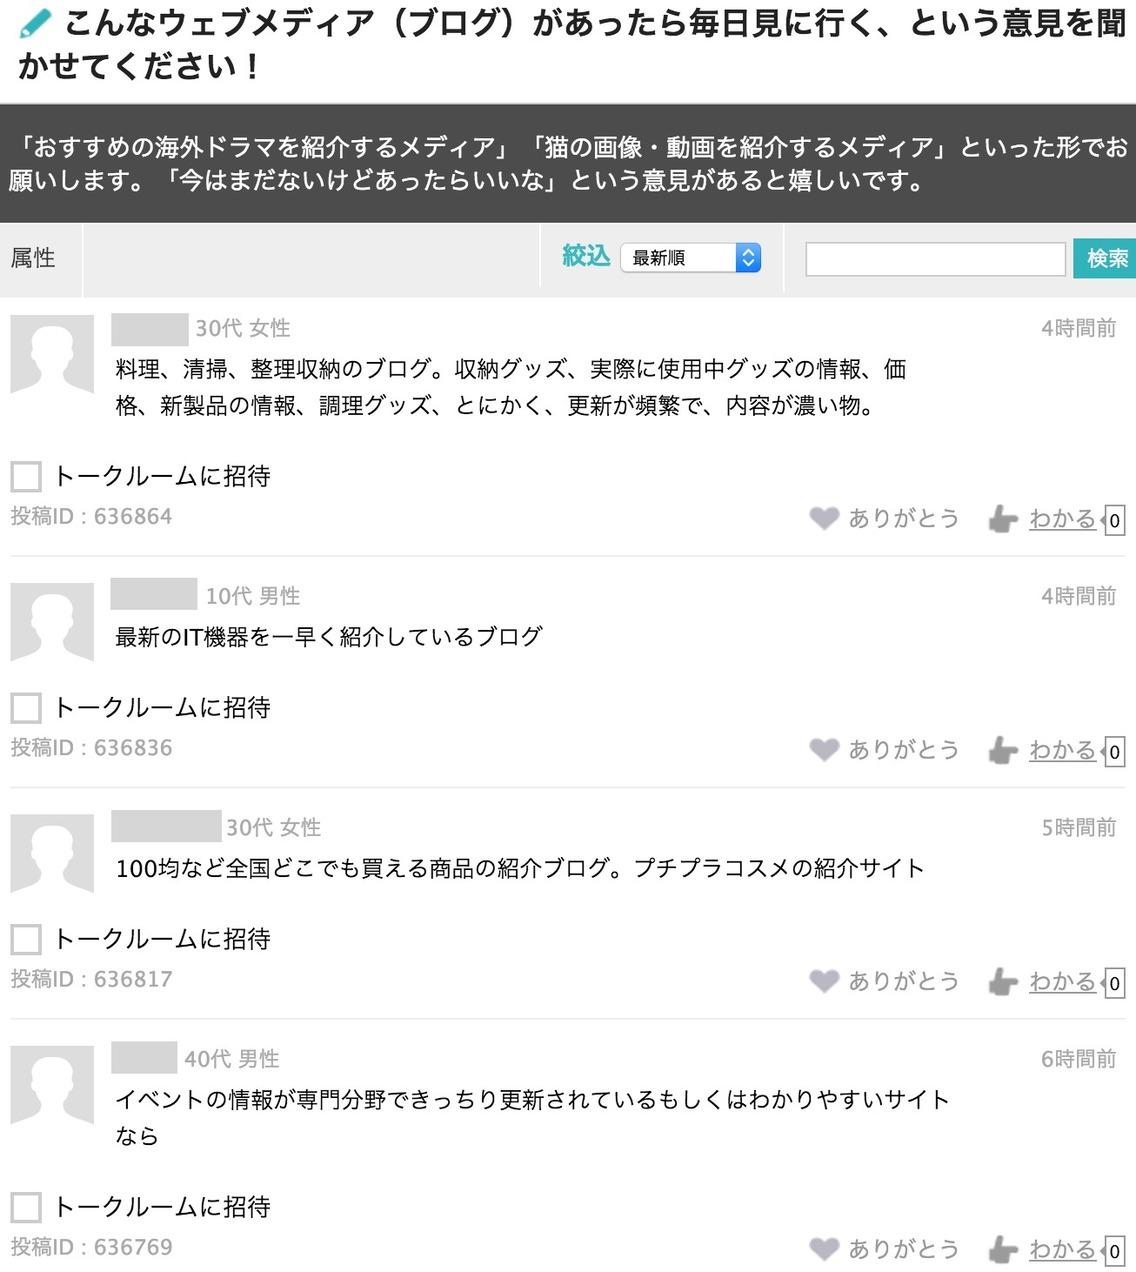 スクリーンショット_2015-11-06_15.26.56.png